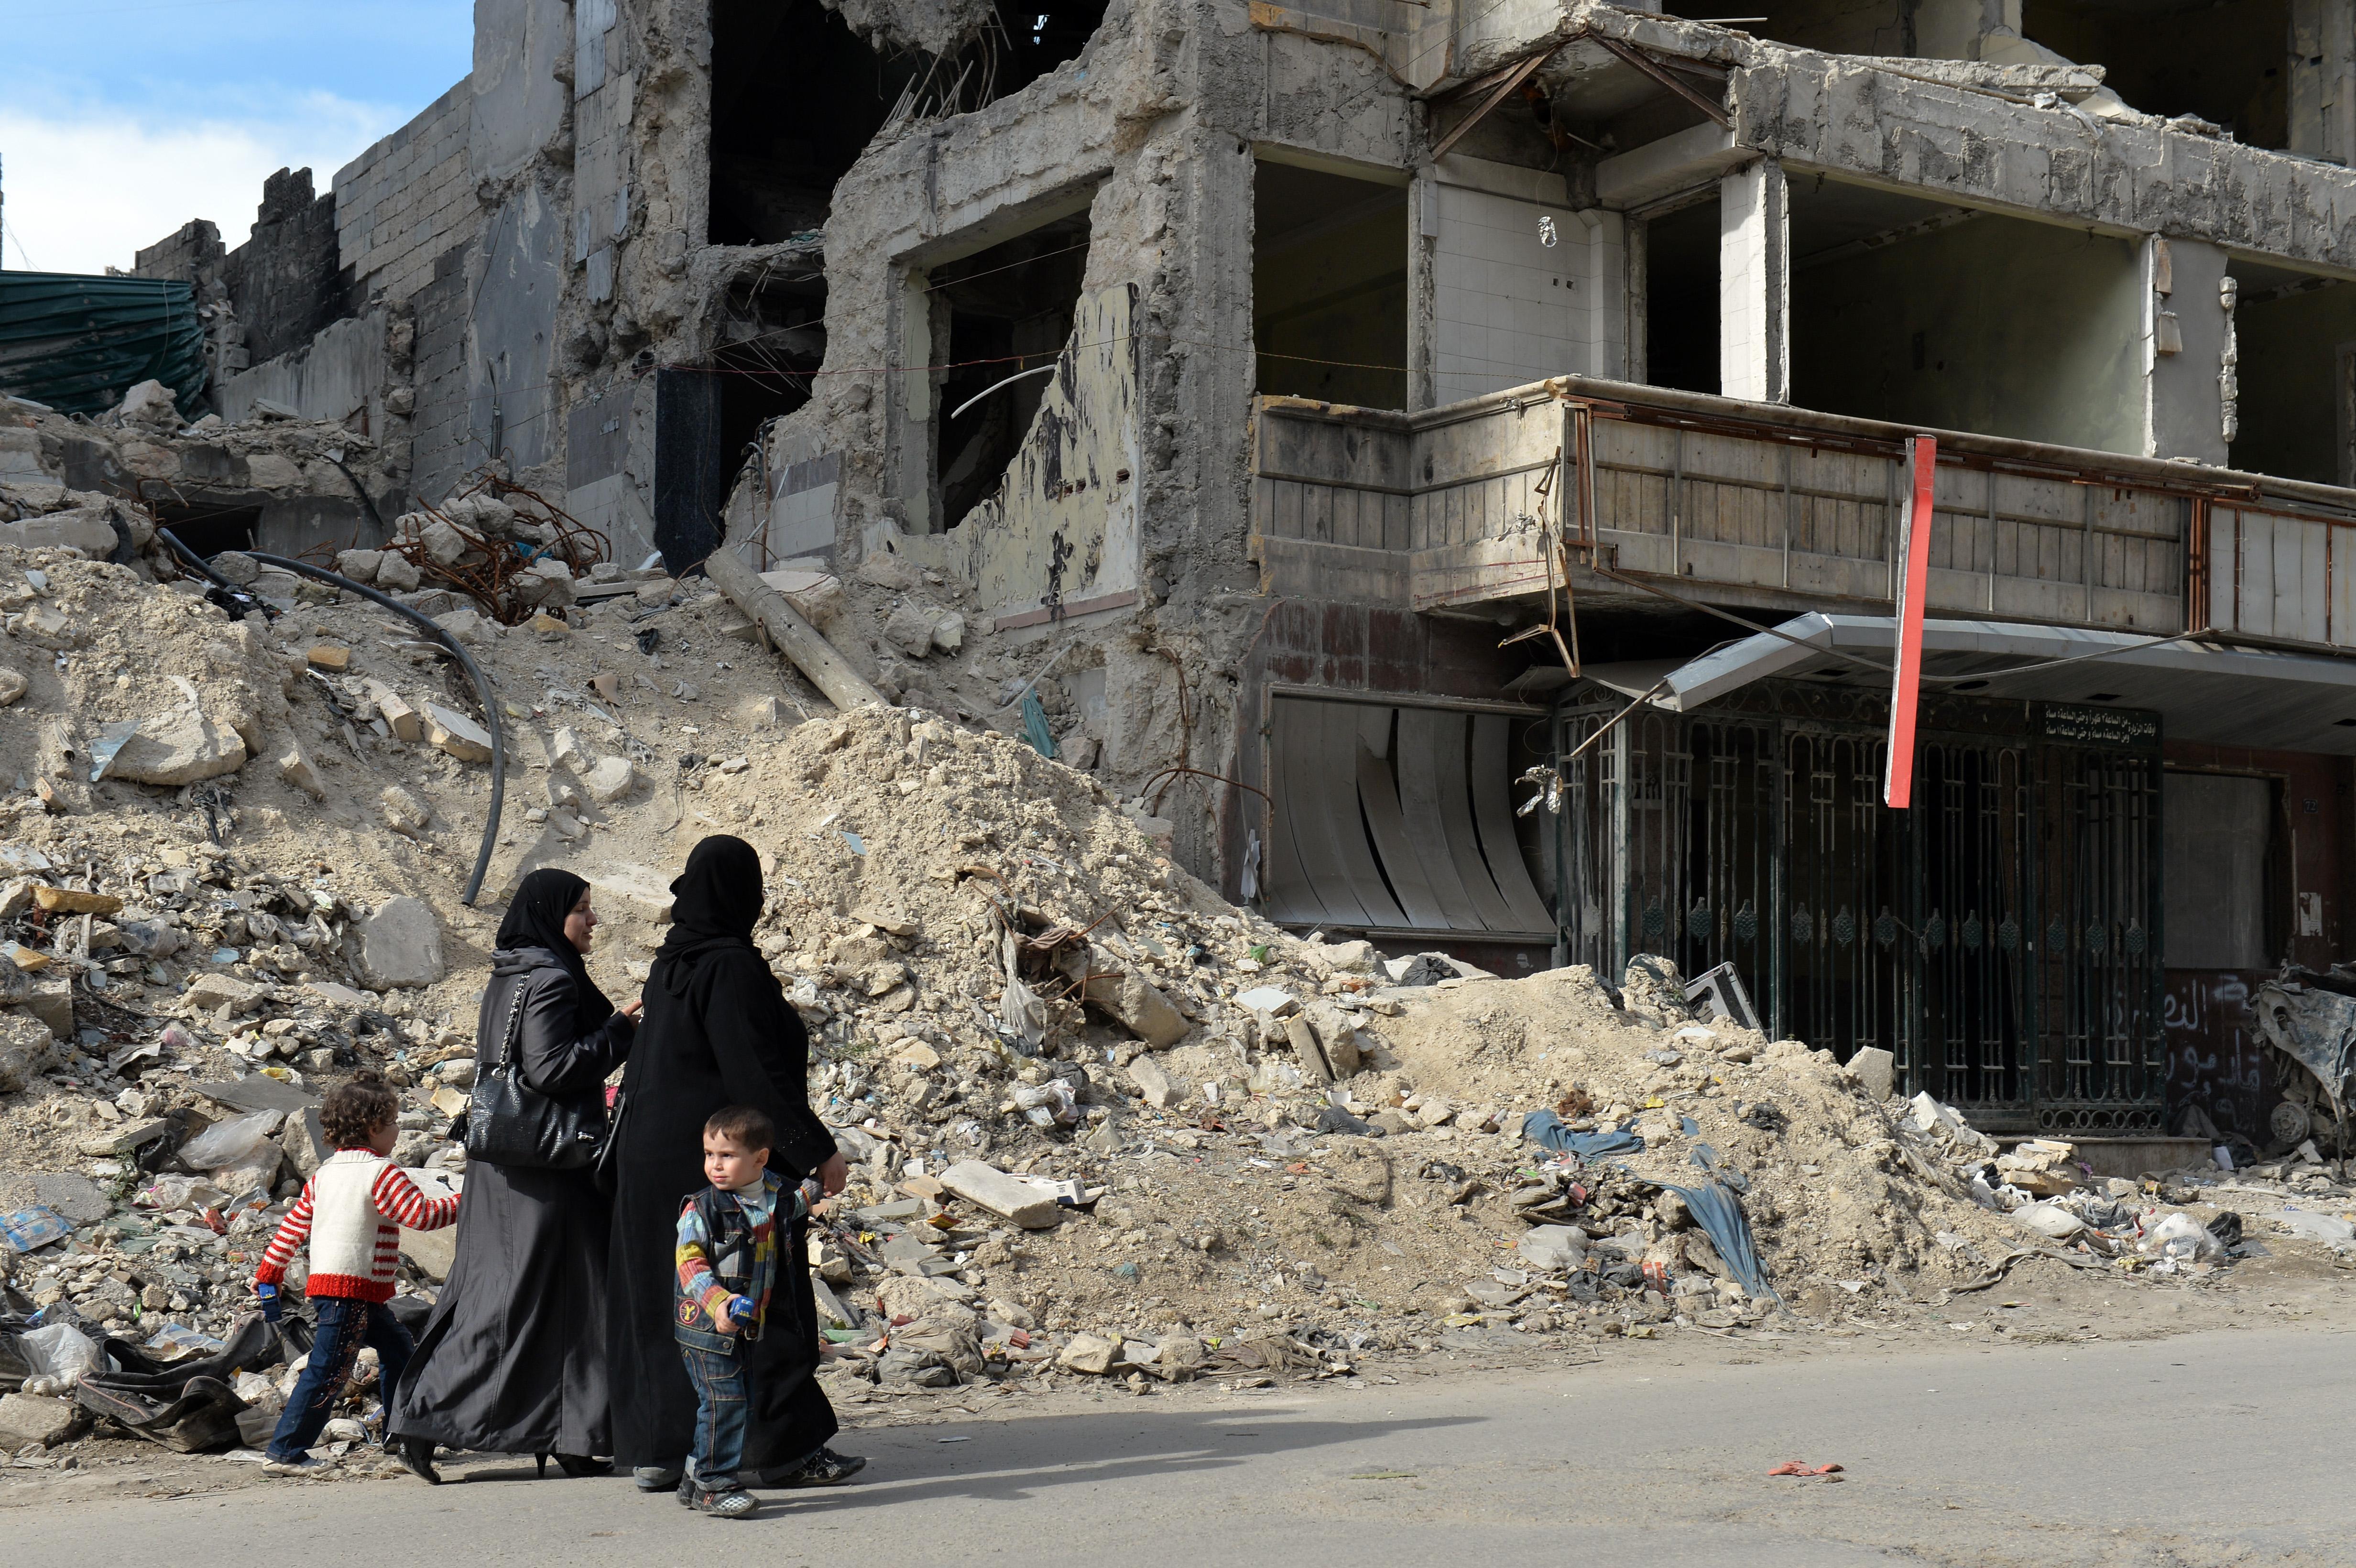 بقايا مستشفى في حلب تعرض للقصف -أرشيف